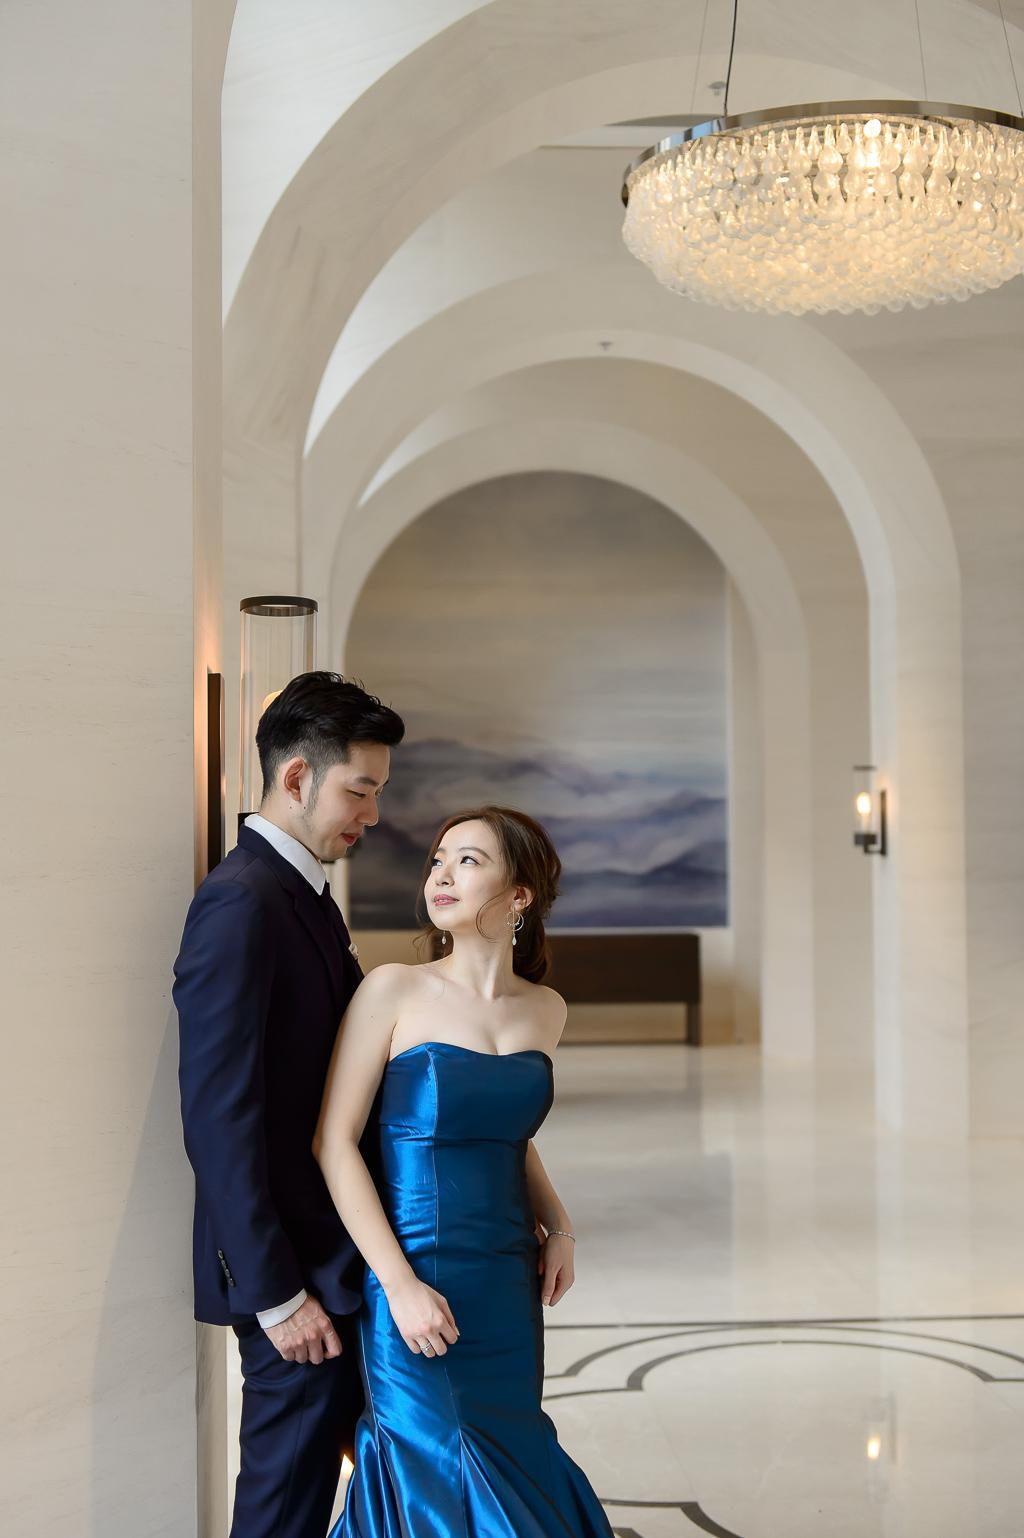 婚攝小勇,小寶團隊, 自助婚紗, 婚禮紀錄,朱飾戴吉-新娘秘書, 萬豪酒店,台北婚攝,wedding day-121